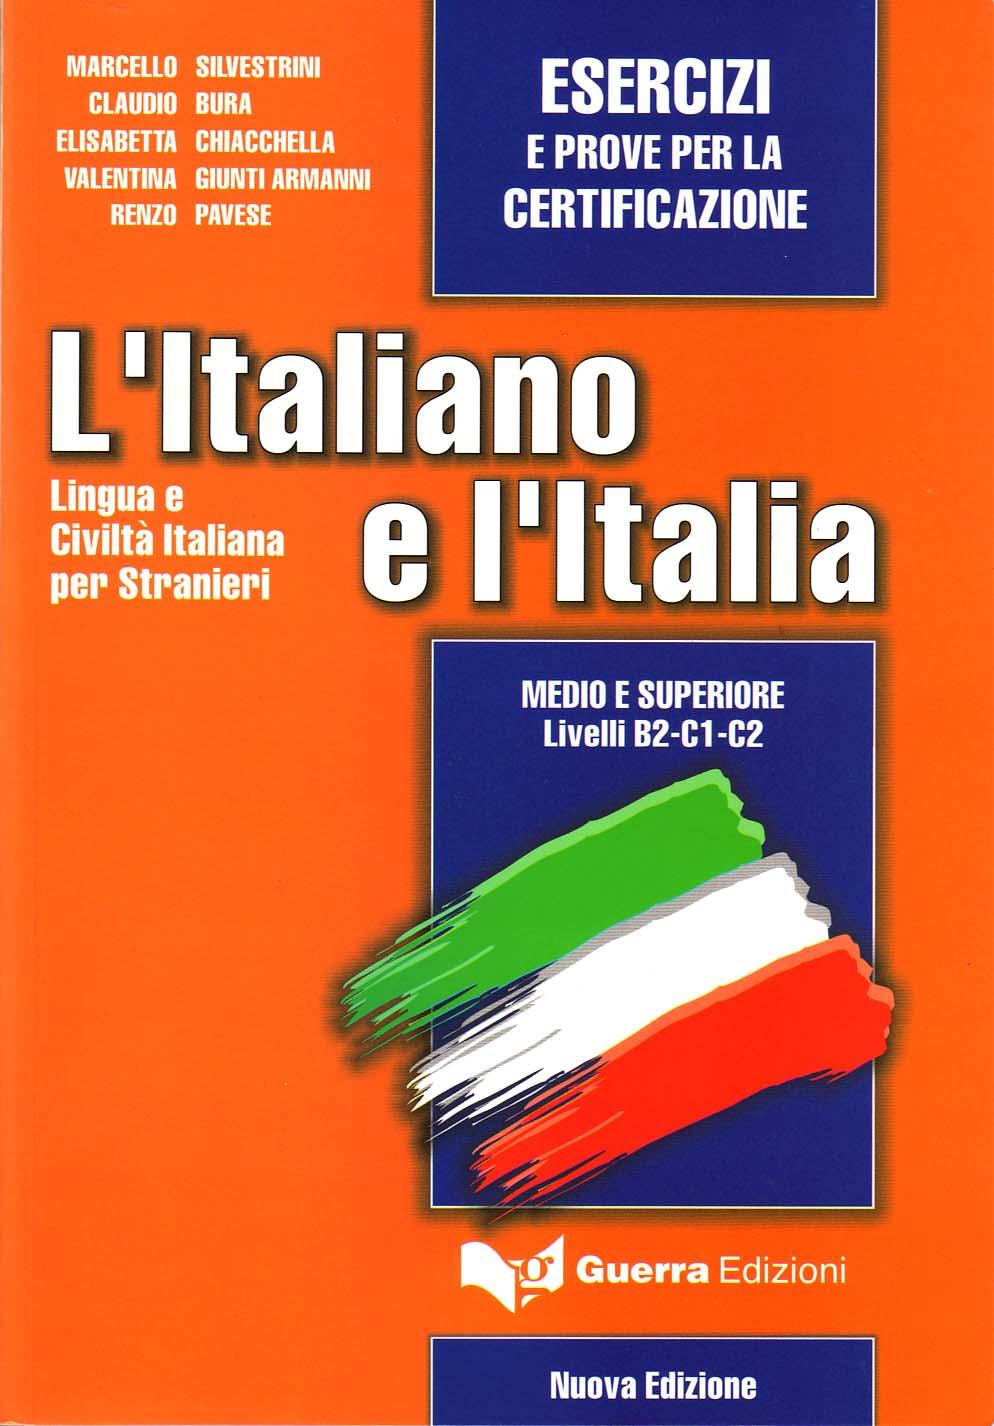 L'Italiano e l'Italia<br>Esercizi e prove per la certificazione